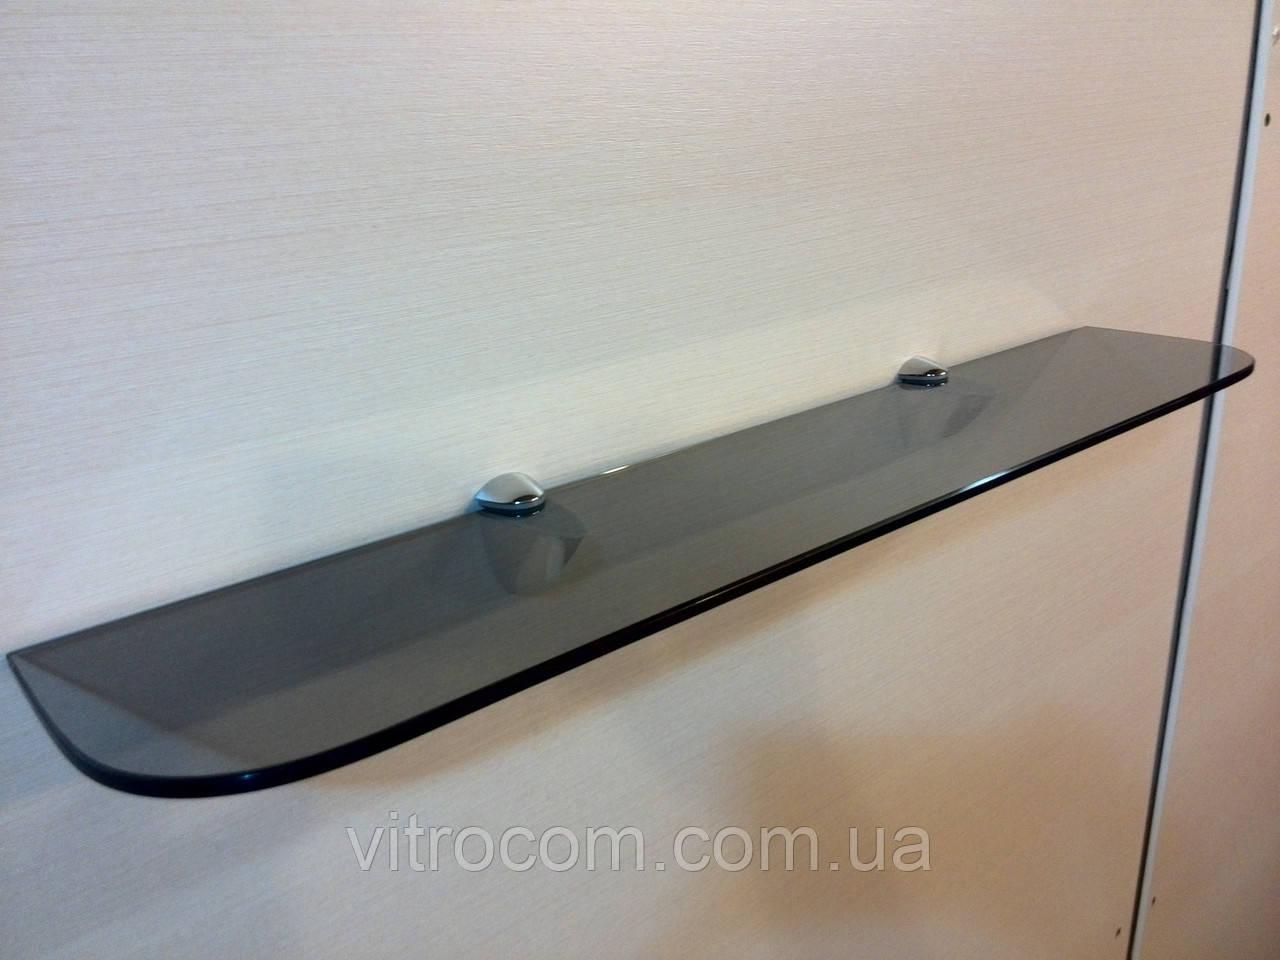 Полка стеклянная прямая 6 мм графит 60 х 12 см